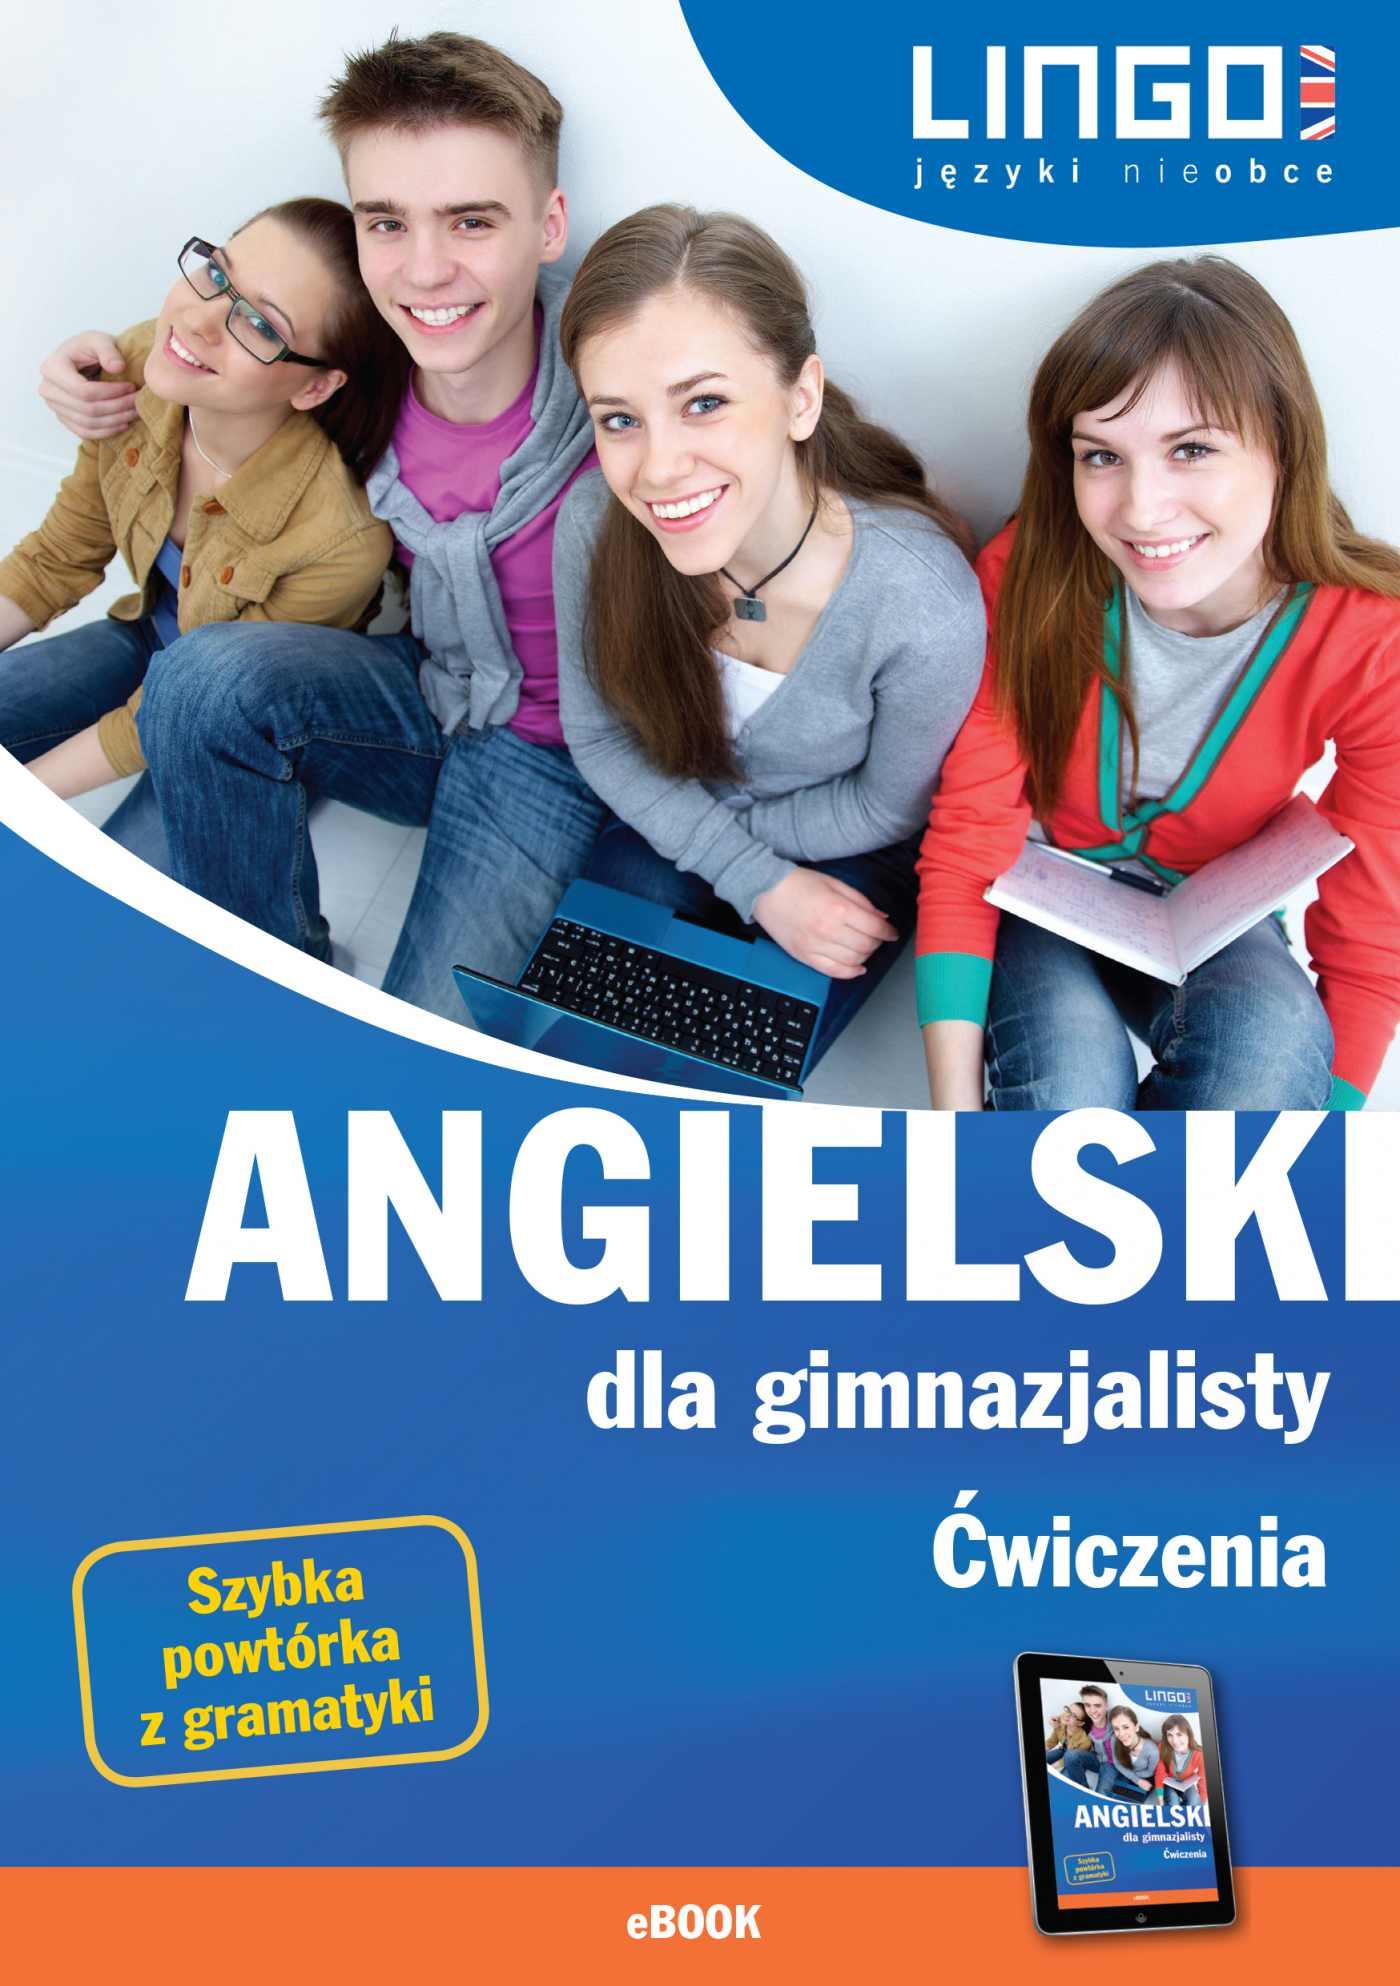 Angielski dla gimnazjalisty. Ćwiczenia. eBook - Ebook (Książka PDF) do pobrania w formacie PDF